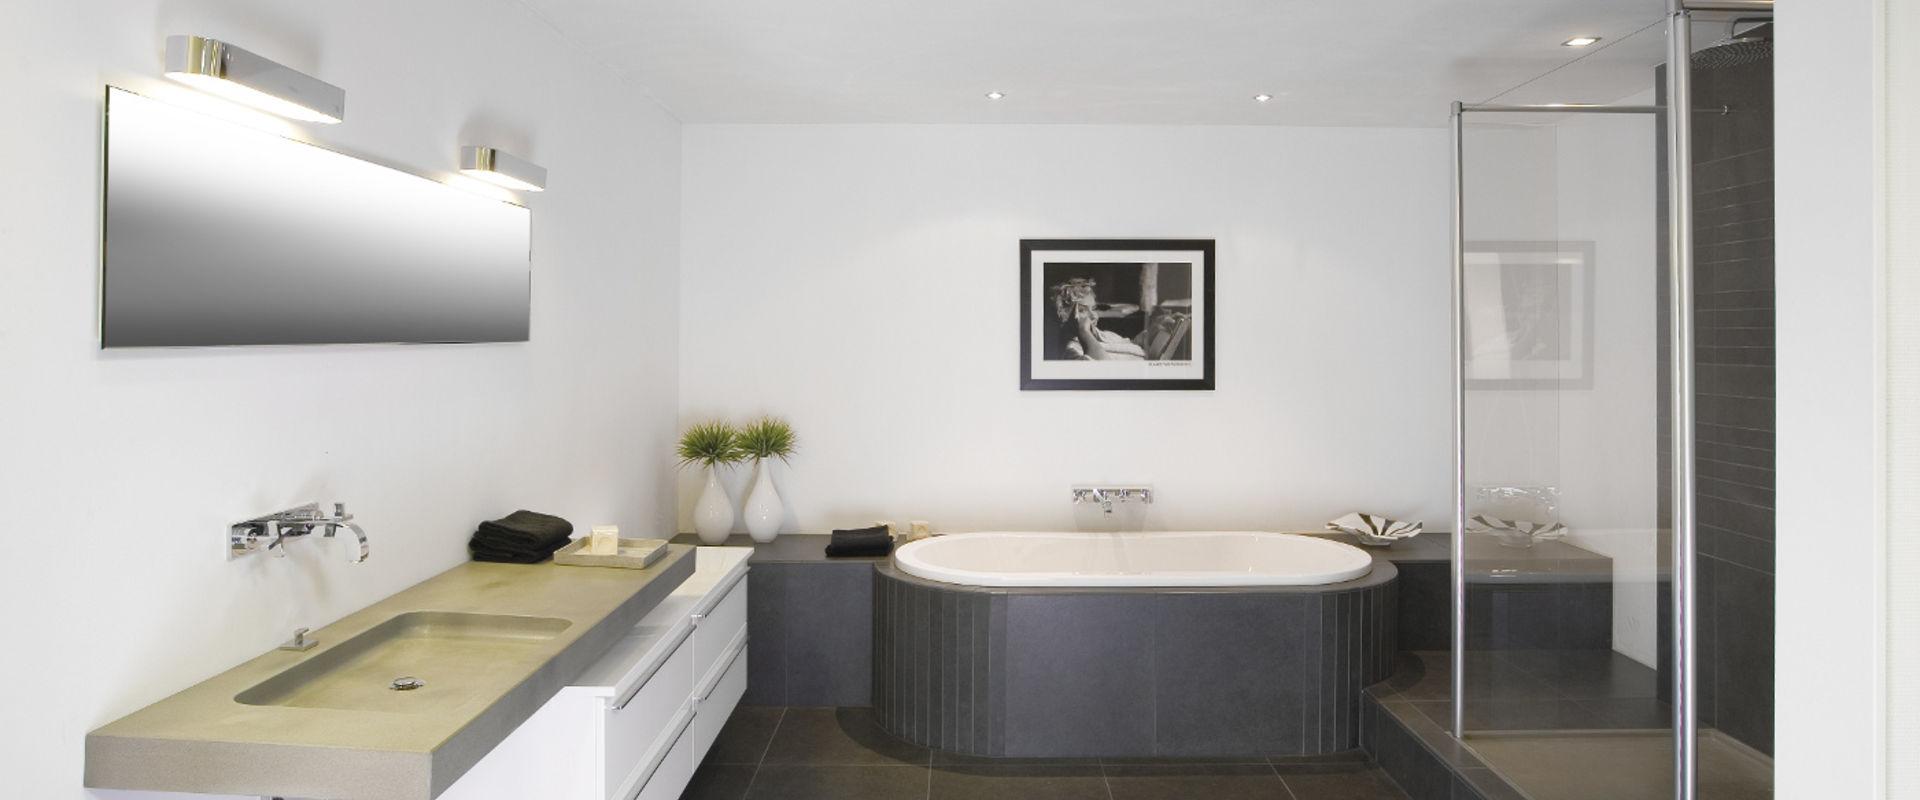 Moderne badkamer - Wooning